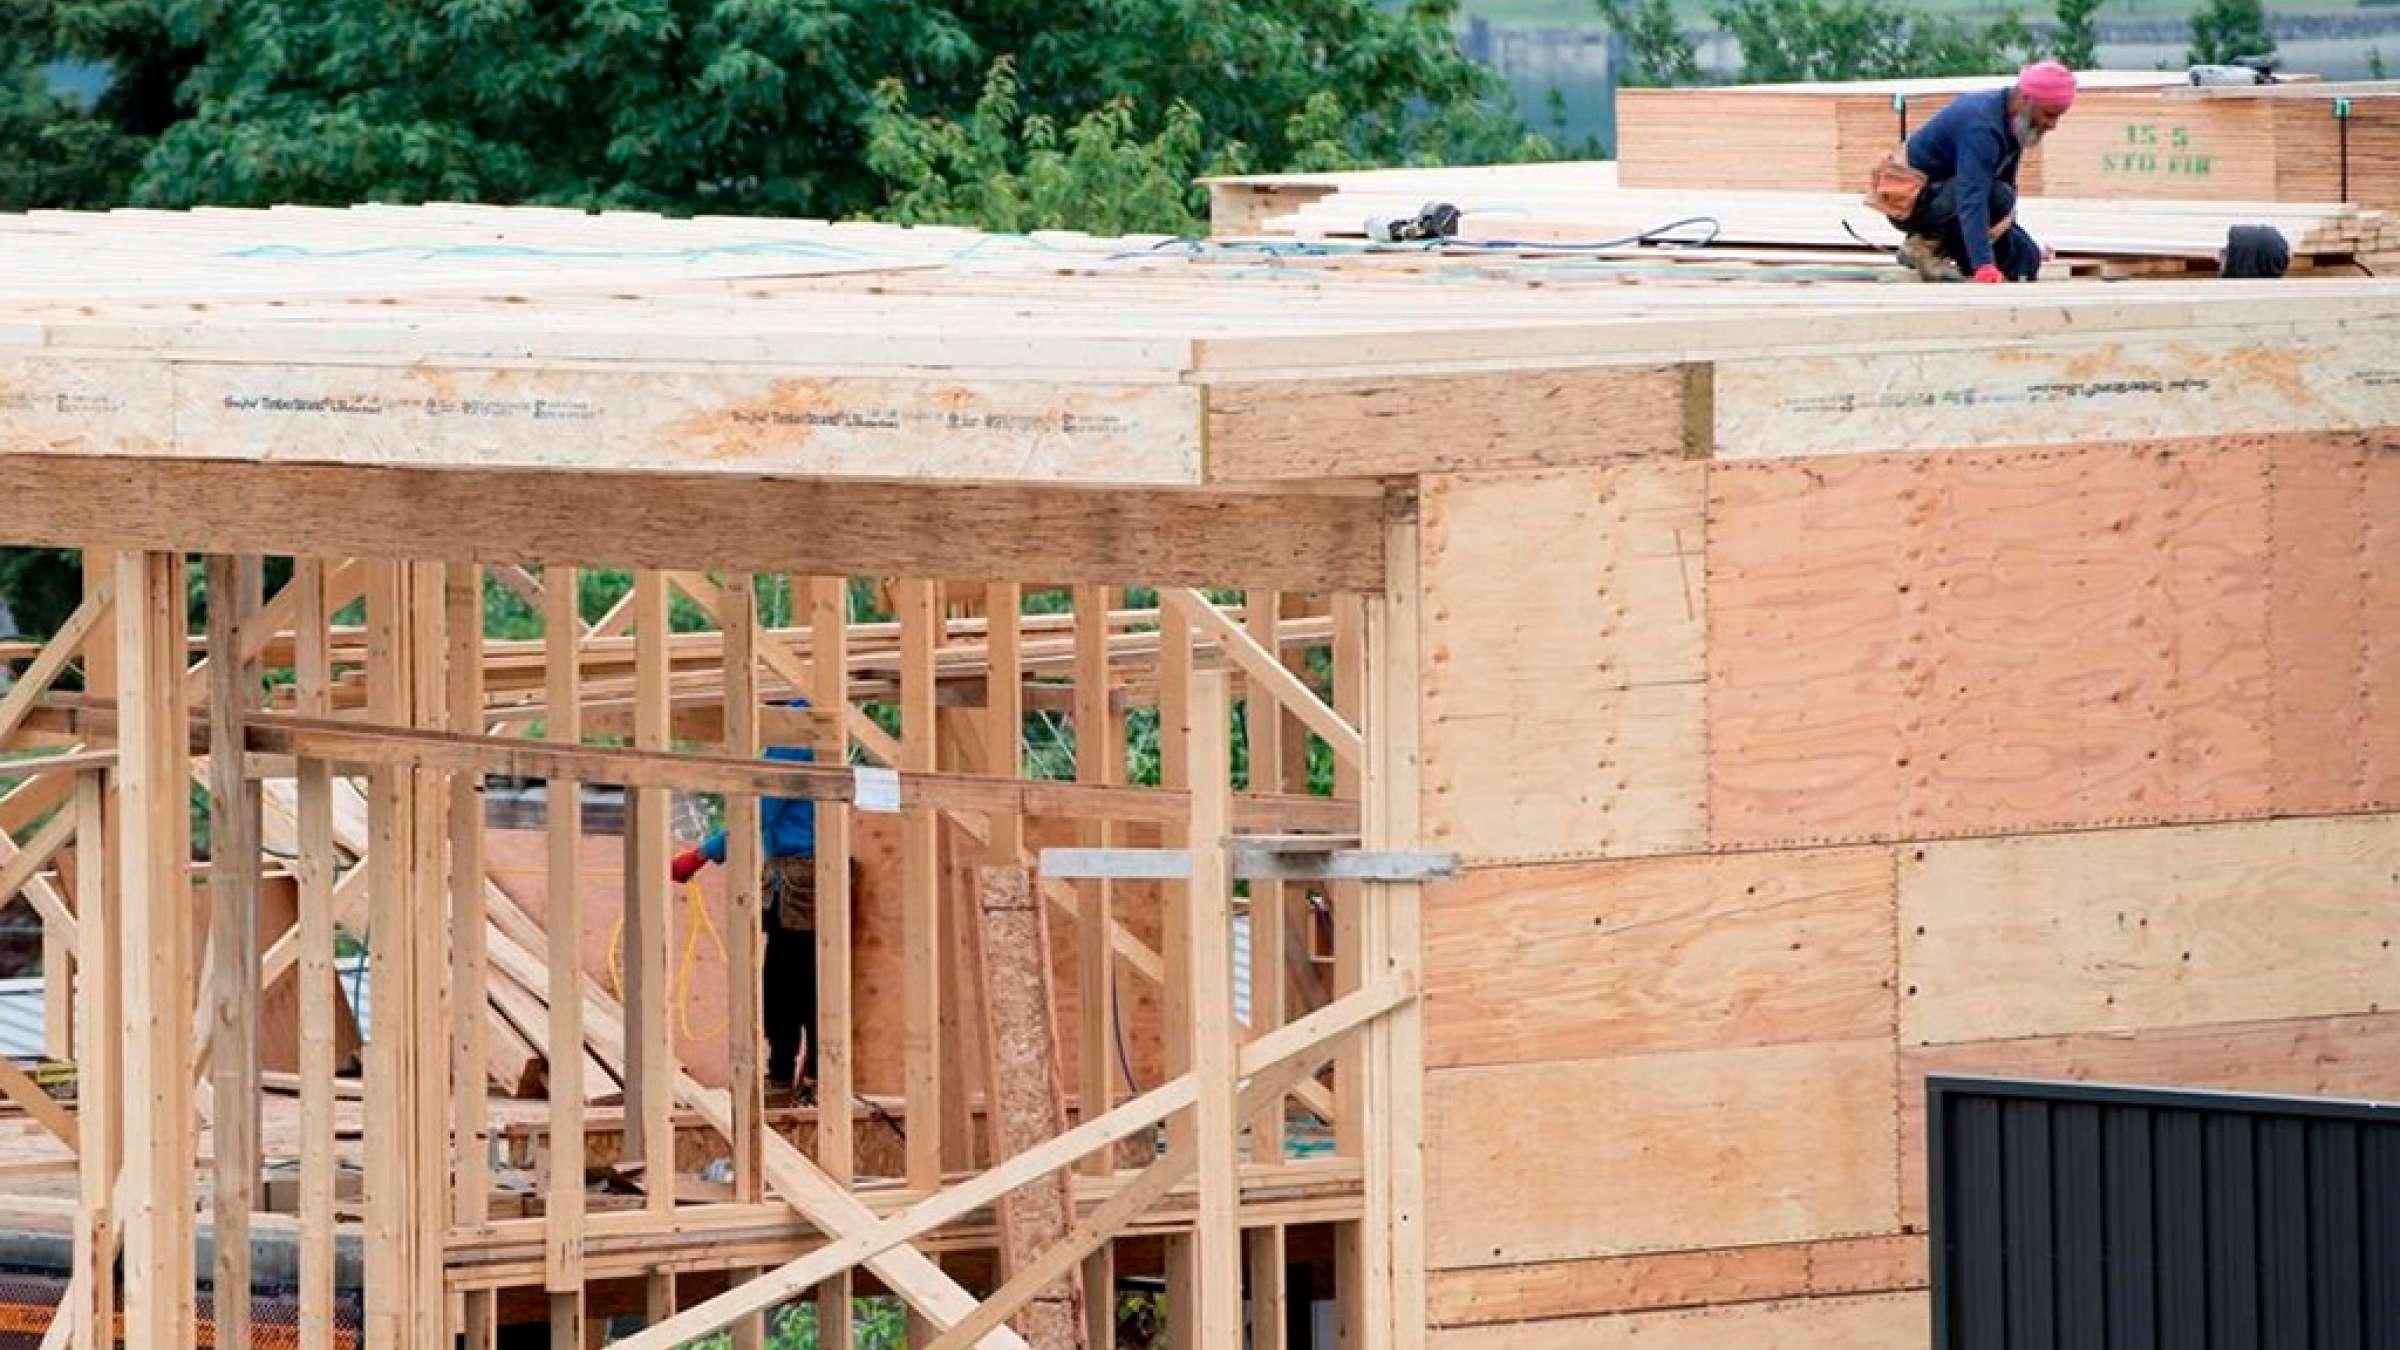 اخبار-تورنتو-ساختوساز-خانههای-جدید-در-تورنتو-بالا-گرفت-نرخ-بهره-ثابت-ماند